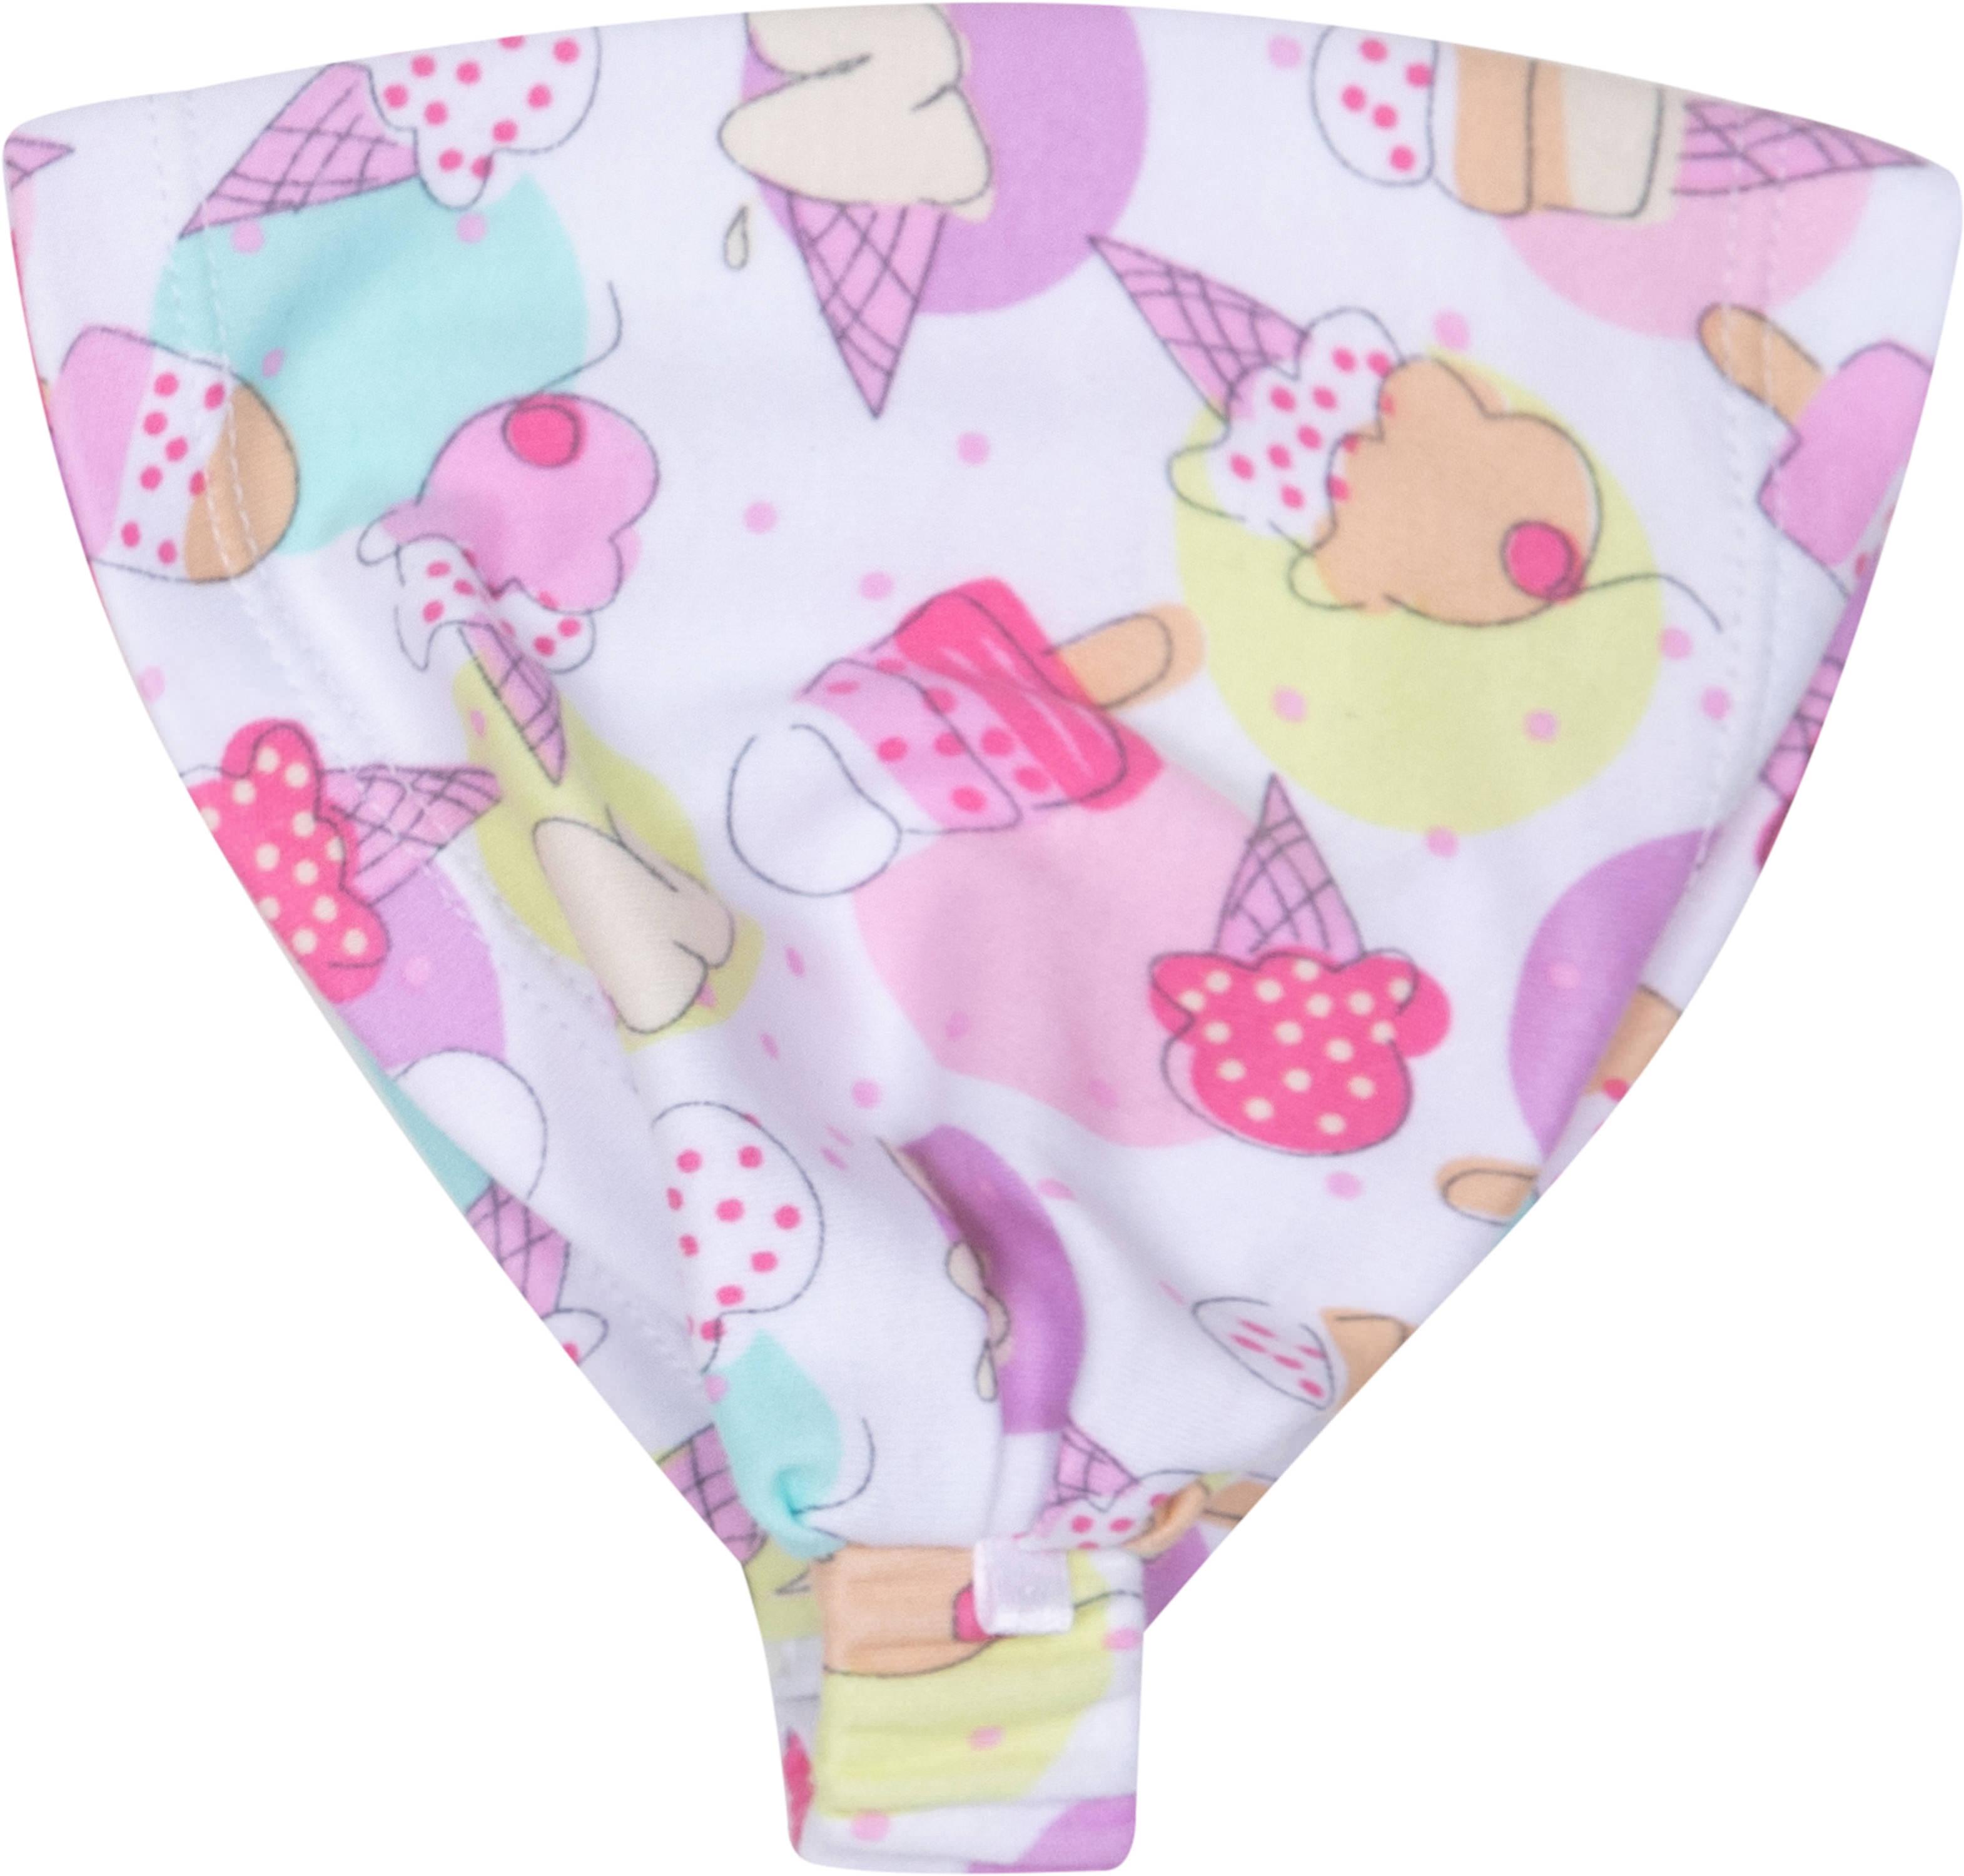 Косынка для девочки Barkito Barkito Маленькие сладости, белая с рисунком мороженое банданы babycollection косынка